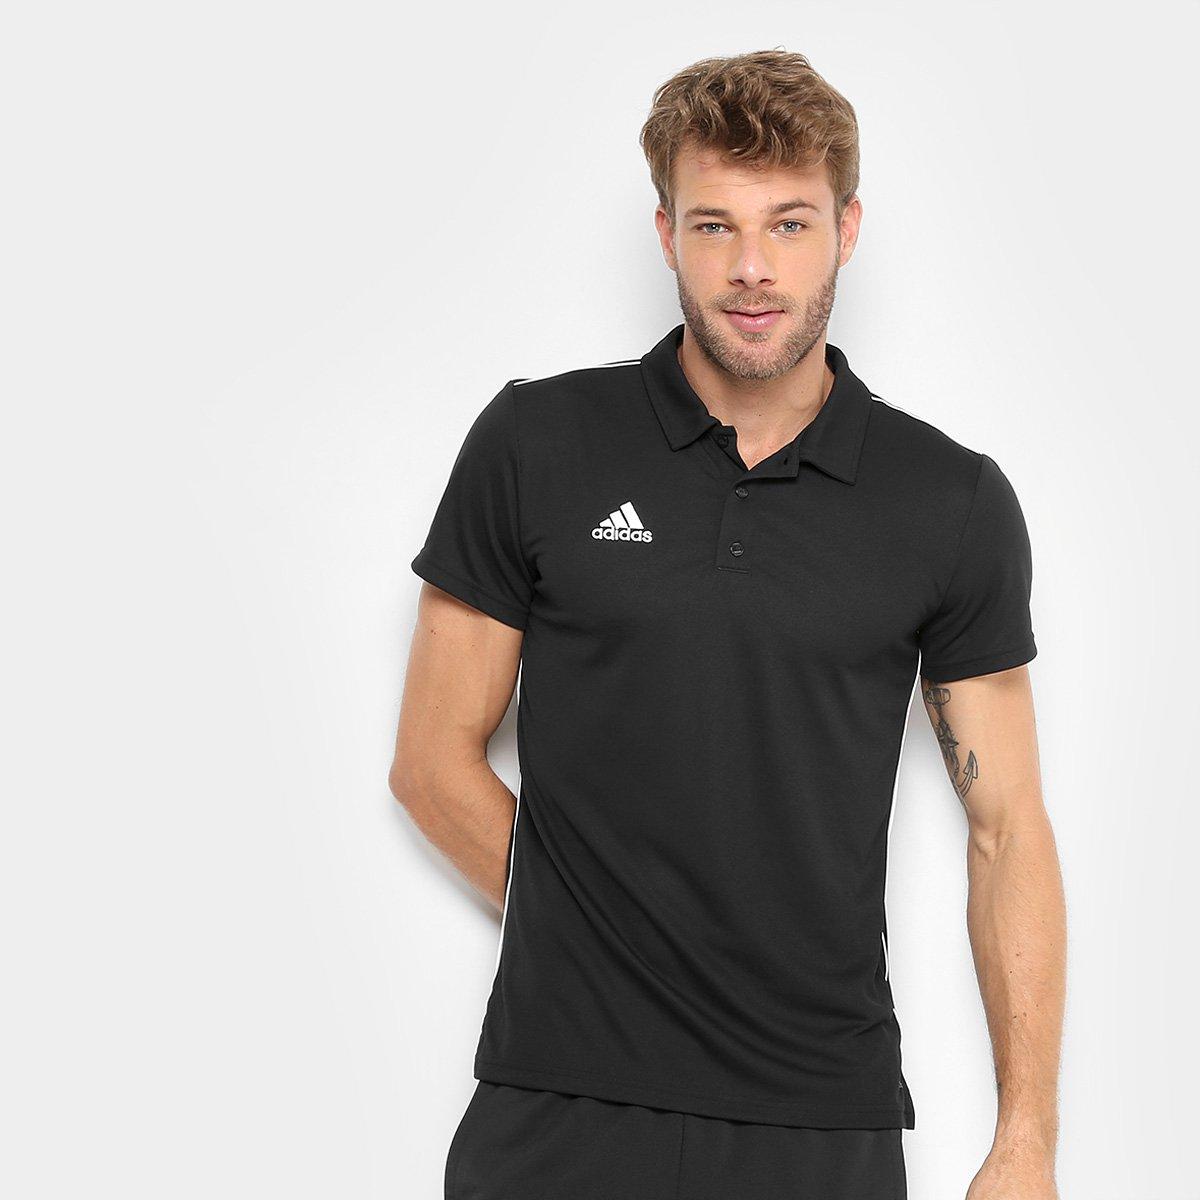 Camisas Polo Adidas Masculinas - Melhores Preços  1da11e683b35b